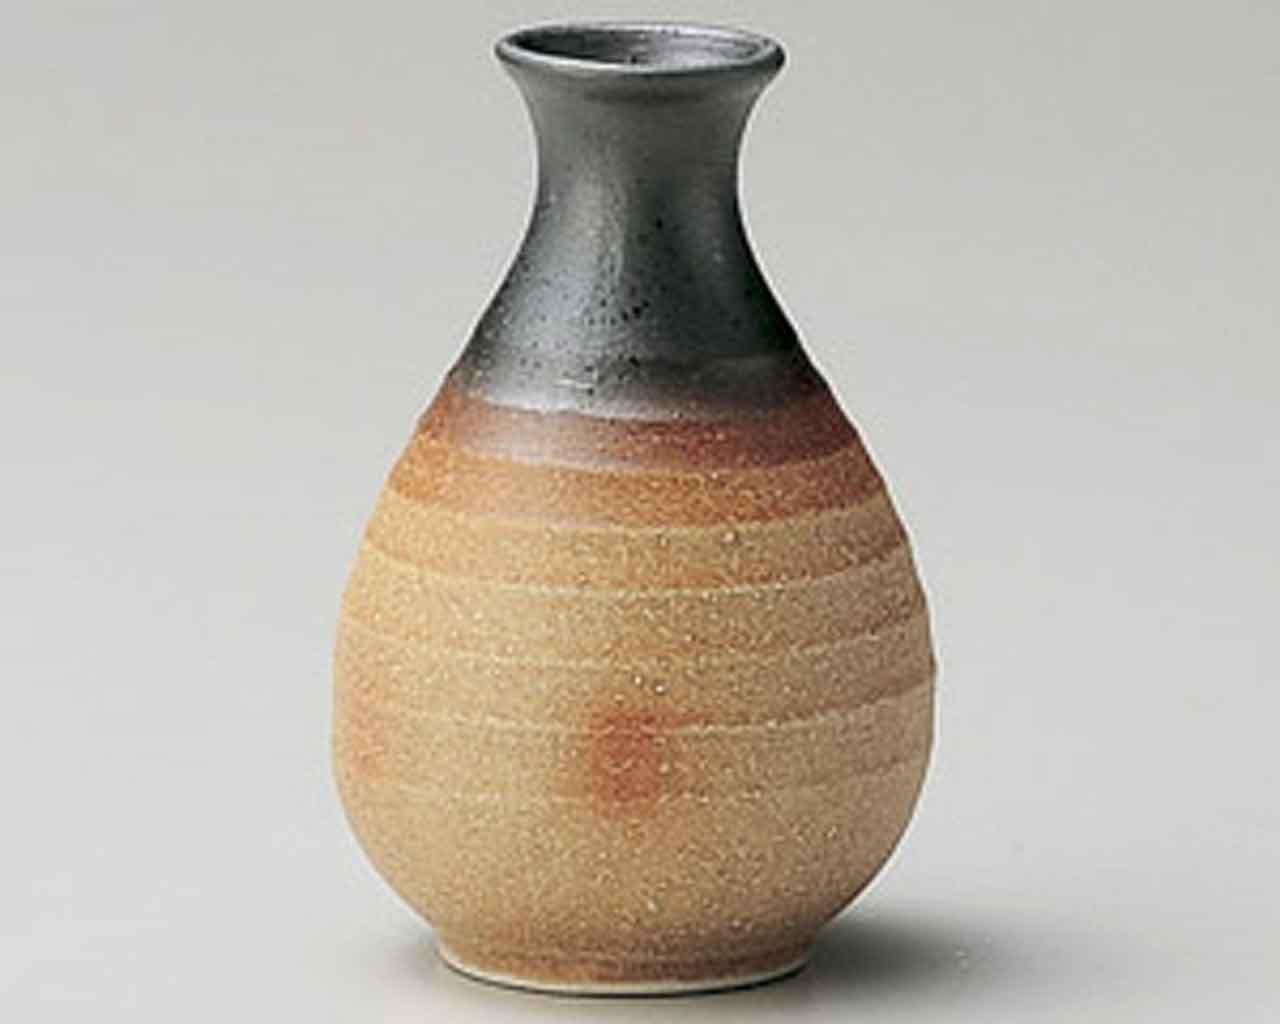 Sumi-Kogashi 2.8inch Set of 10 Sake carafes Beige Ceramic Made in Japan